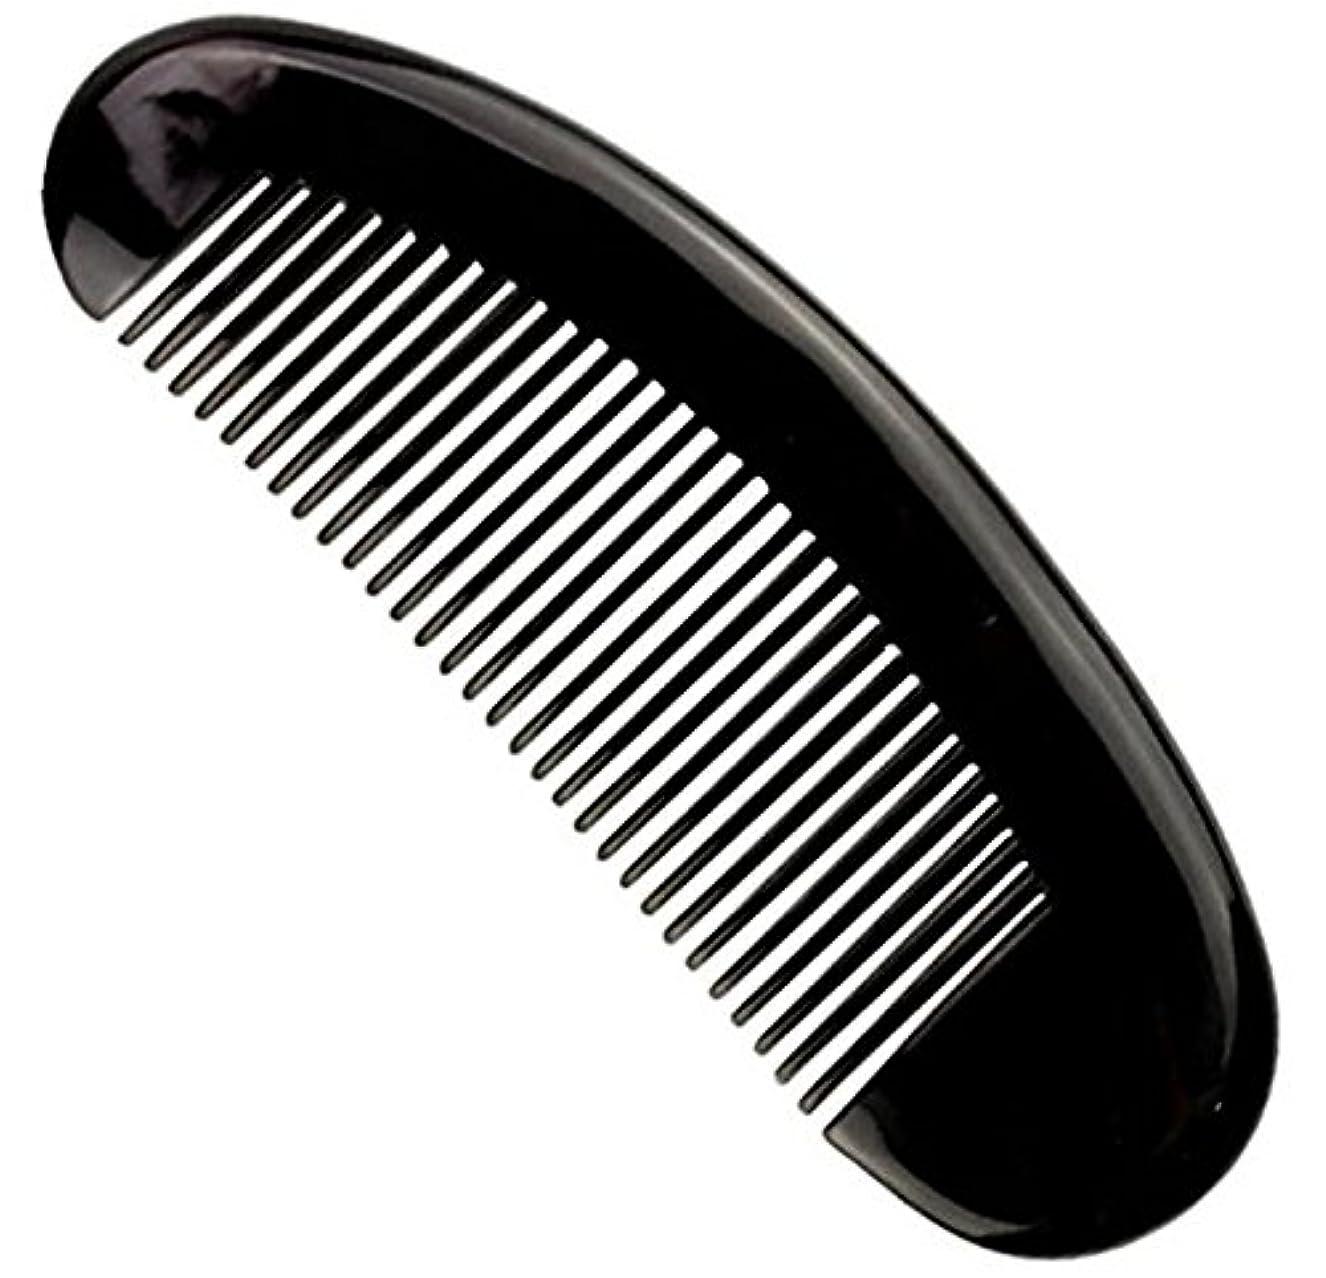 宇宙船責めセーター櫛型 プロも使う牛角かっさプレー マサージ用 血行改善 高級 天然 静電気防止 美髪 美顔 ボディ リンパマッサージ